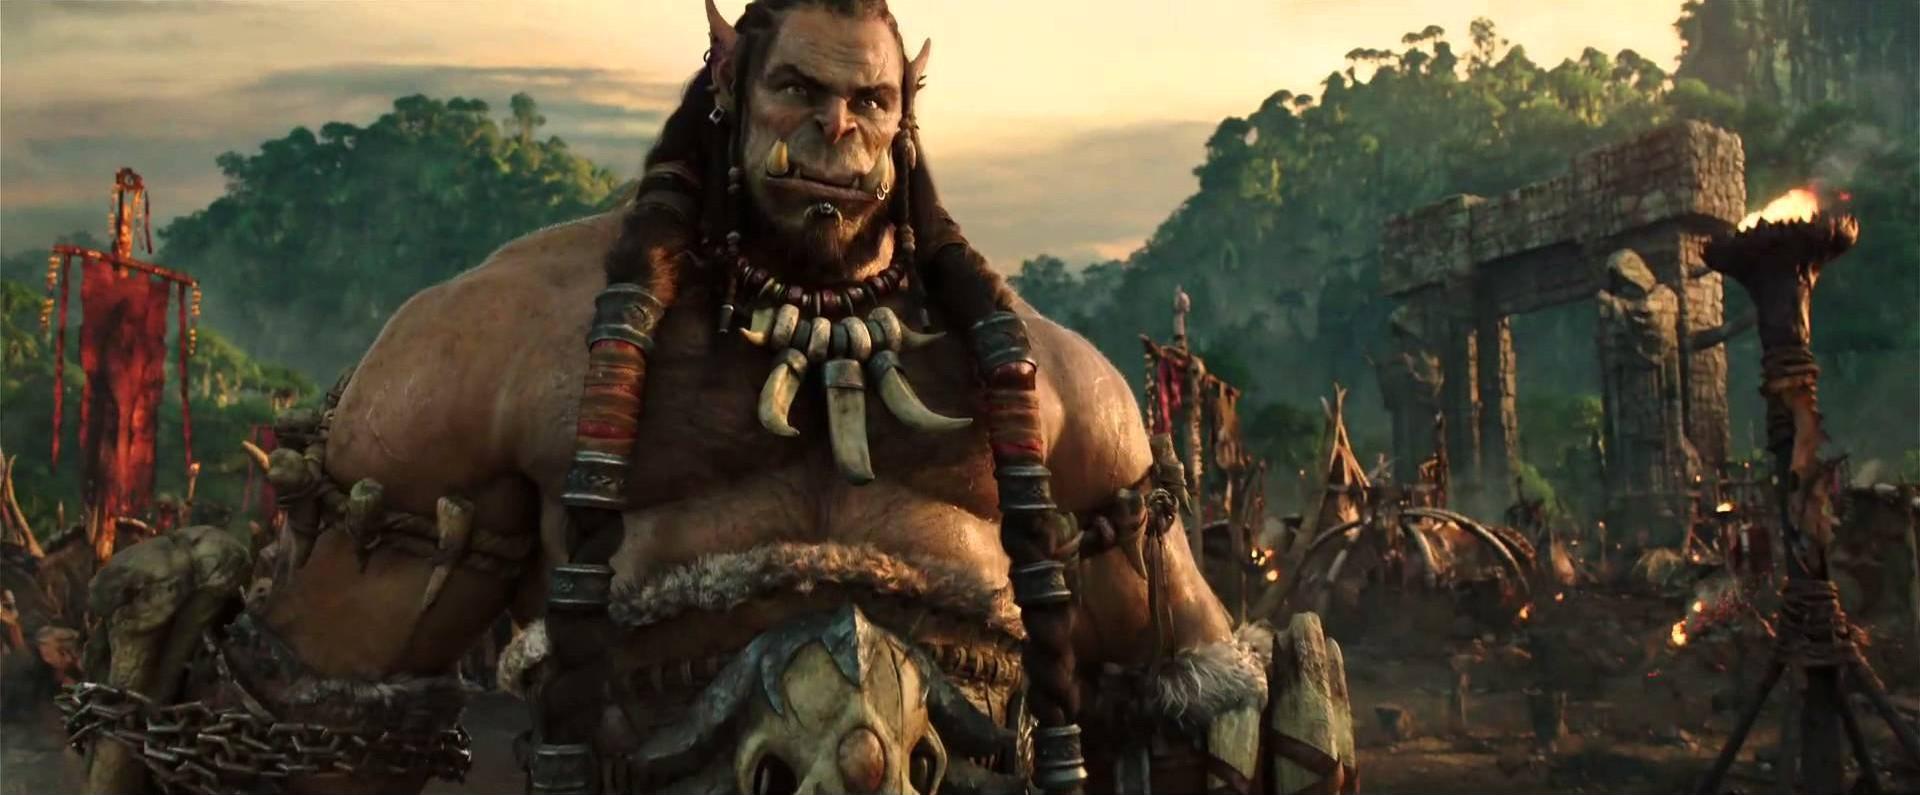 Durotan, Warcraft